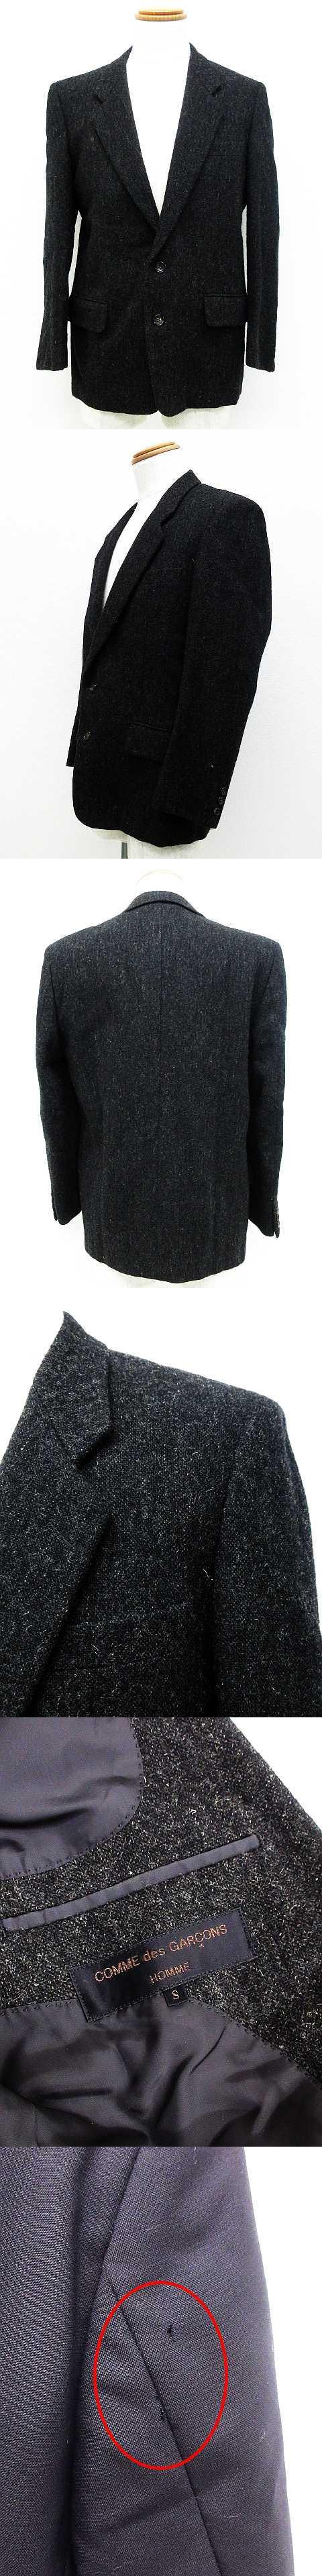 ジャケット テーラード 長袖 2つボタン 霜降り ウール 黒 S 秋冬